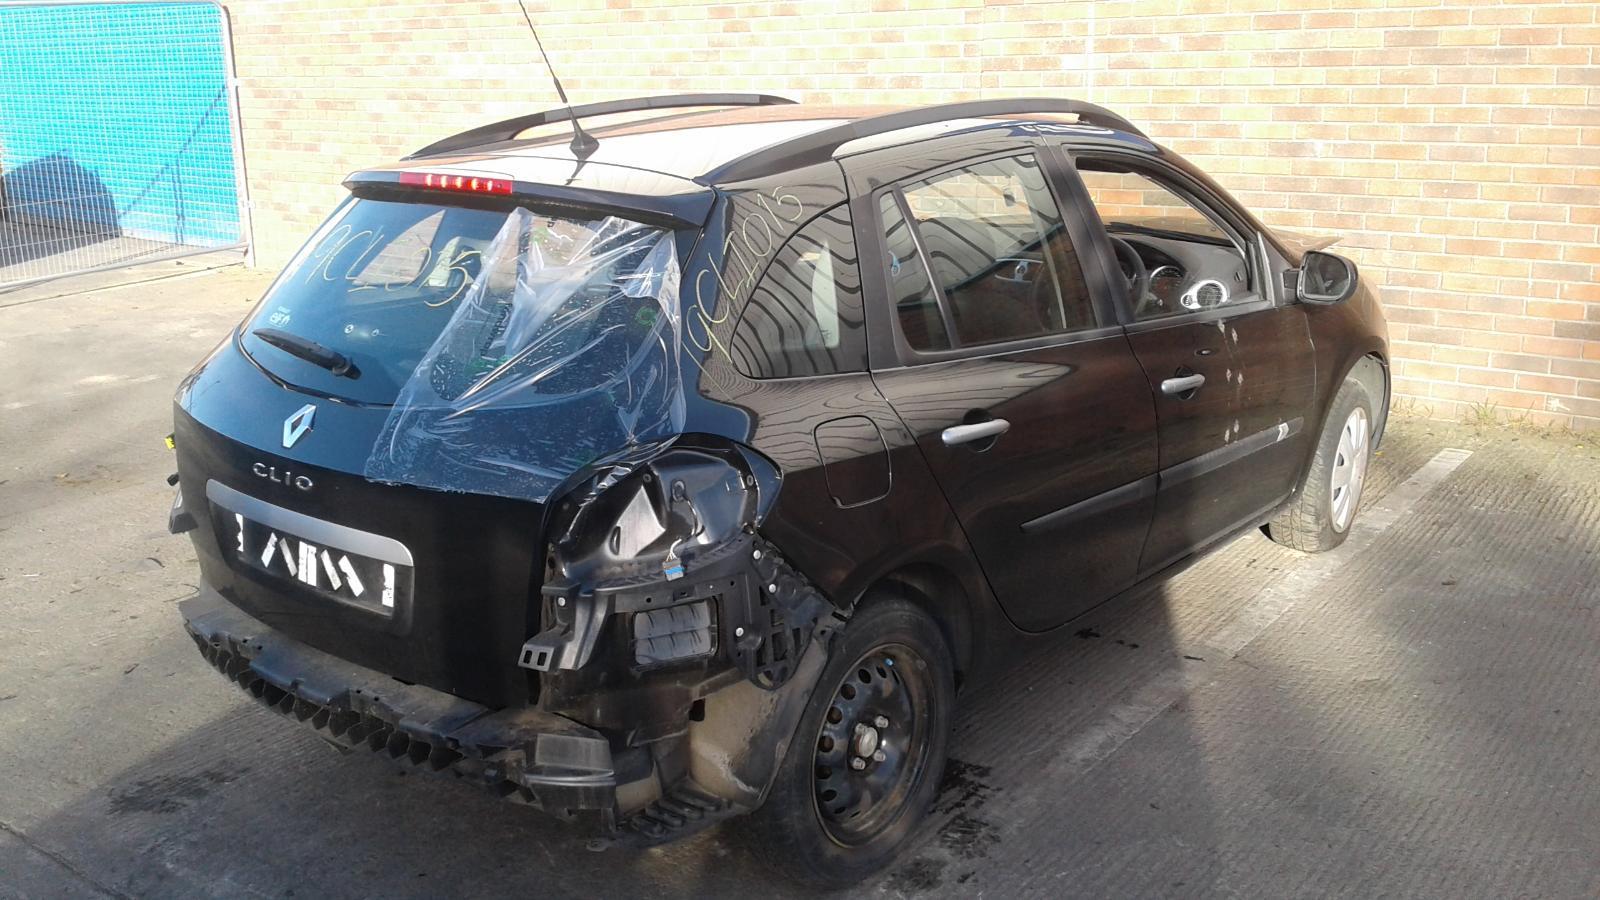 2010 RENAULT CLIO Image